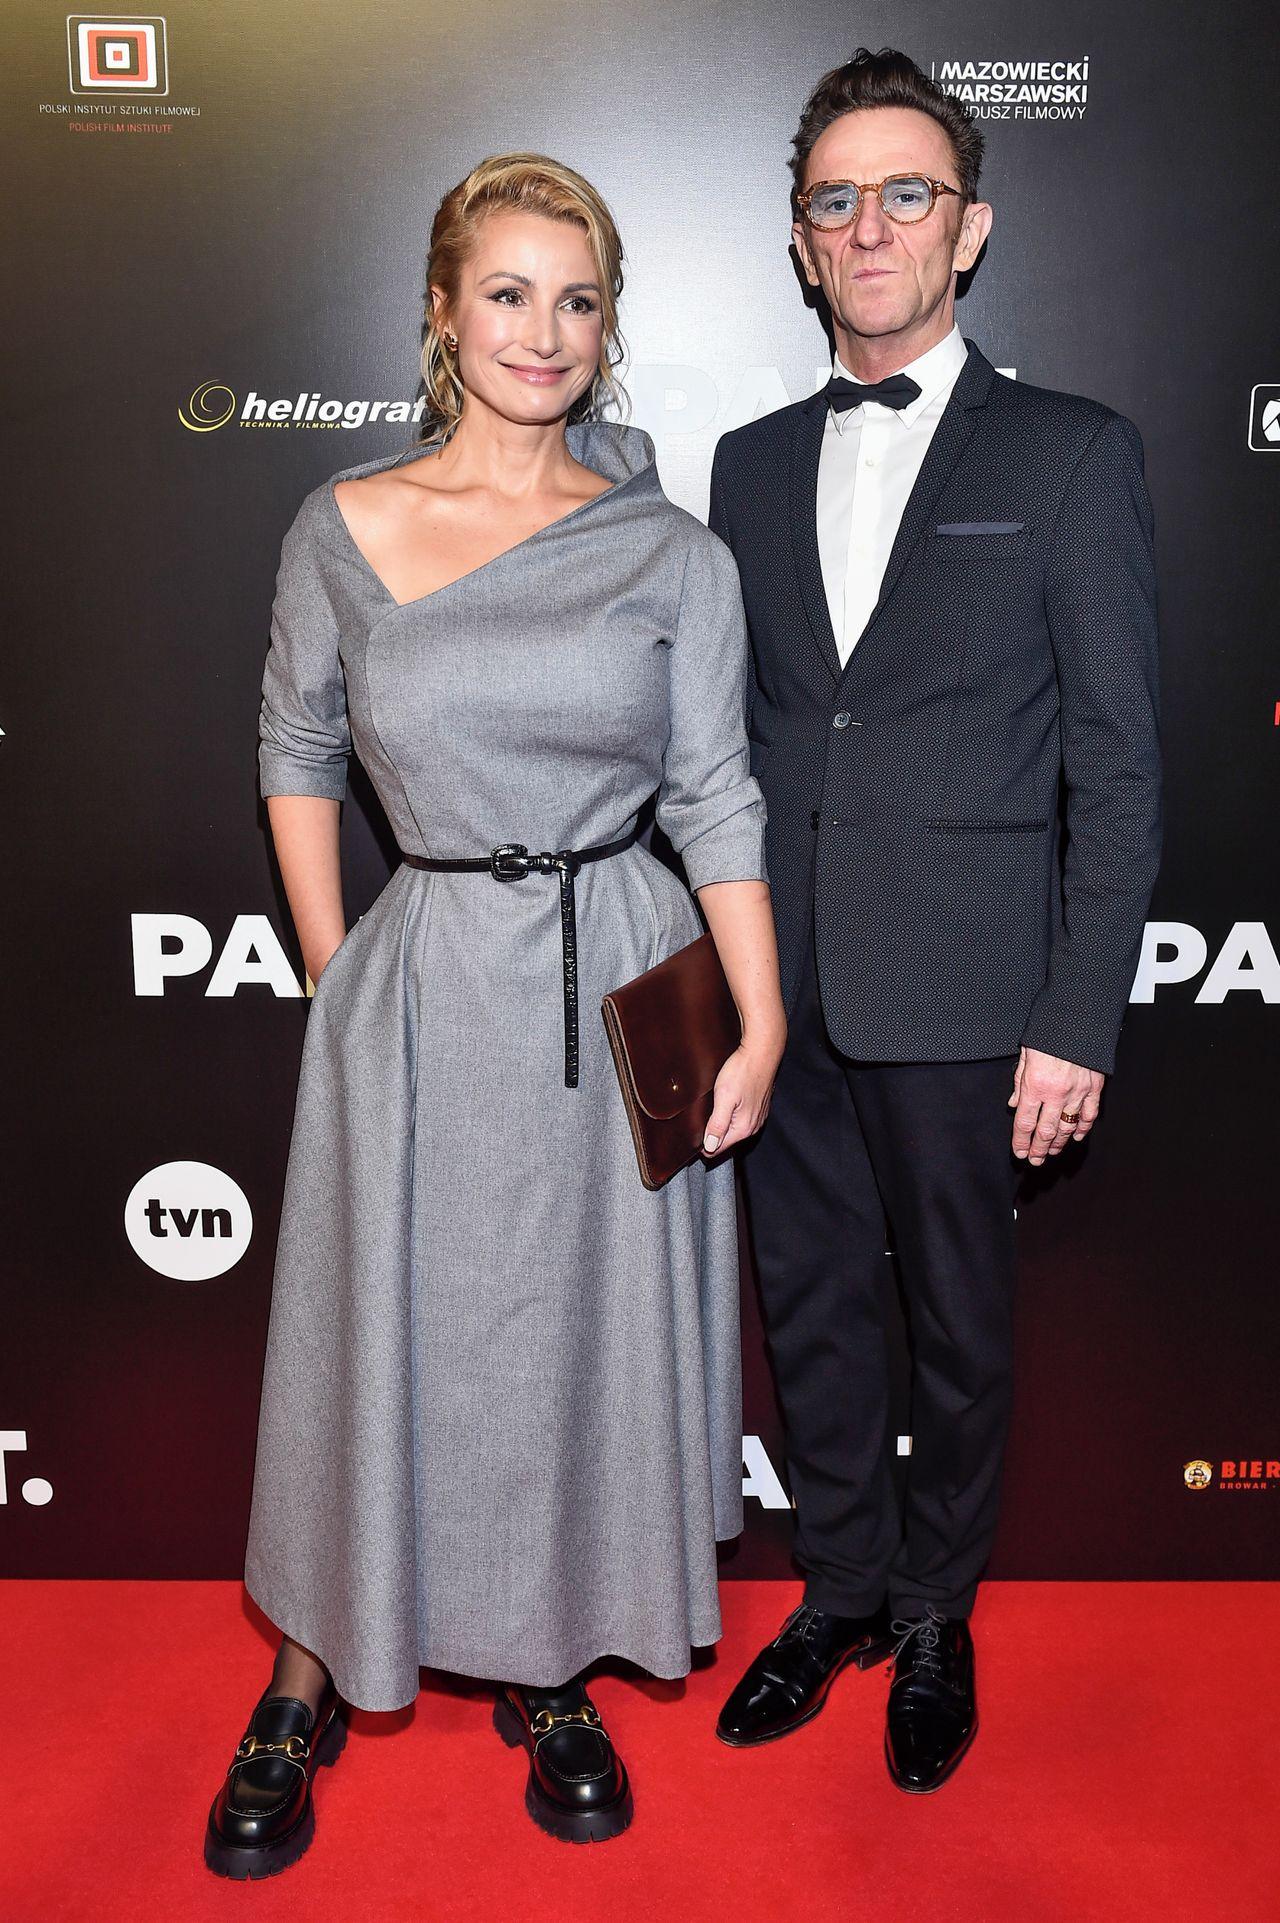 Joanna Brodzik, Paweł Wilczak. fot. Jacek Kurnikowski/AKPA